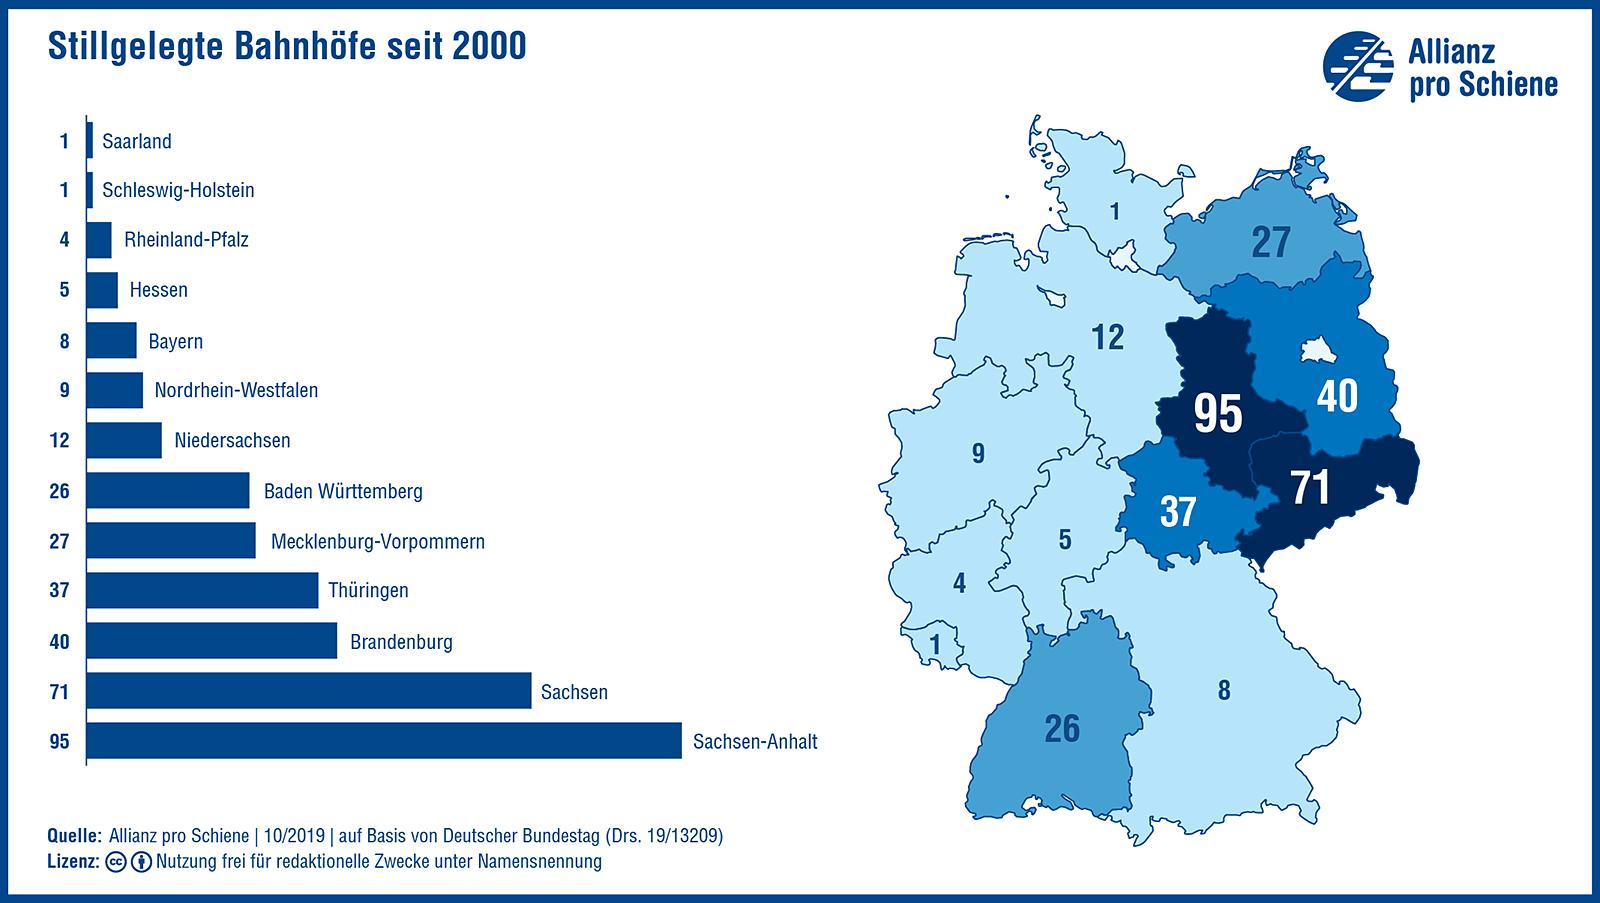 Stillgelegte Bahnhöfe in Deutschland seit 2000